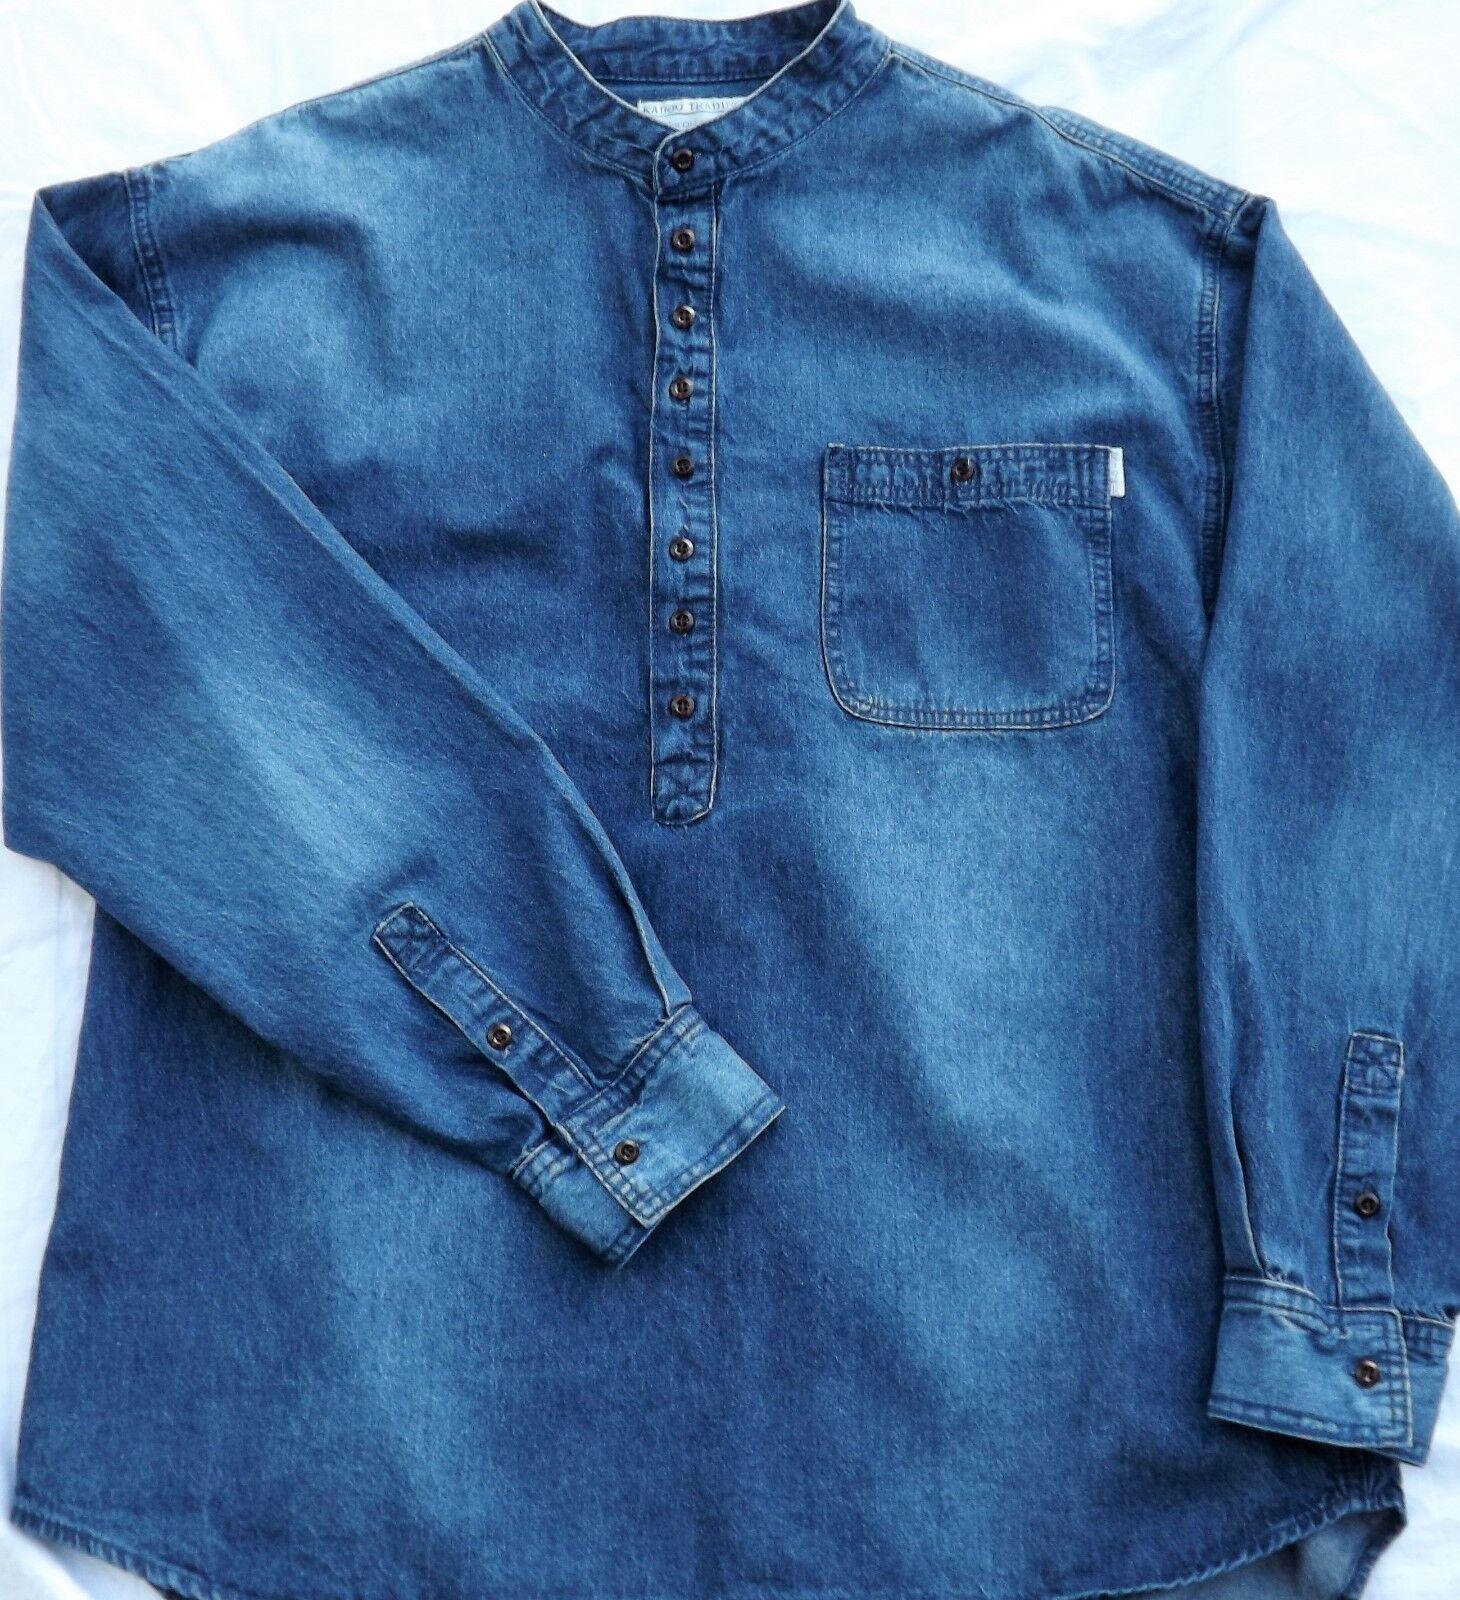 Grandad Shirt in Soft Denim Denim Denim Kaboo Trading Originals different by design | Attraktive Mode  | Moderater Preis  | Deutschland Online Shop  99a9fb